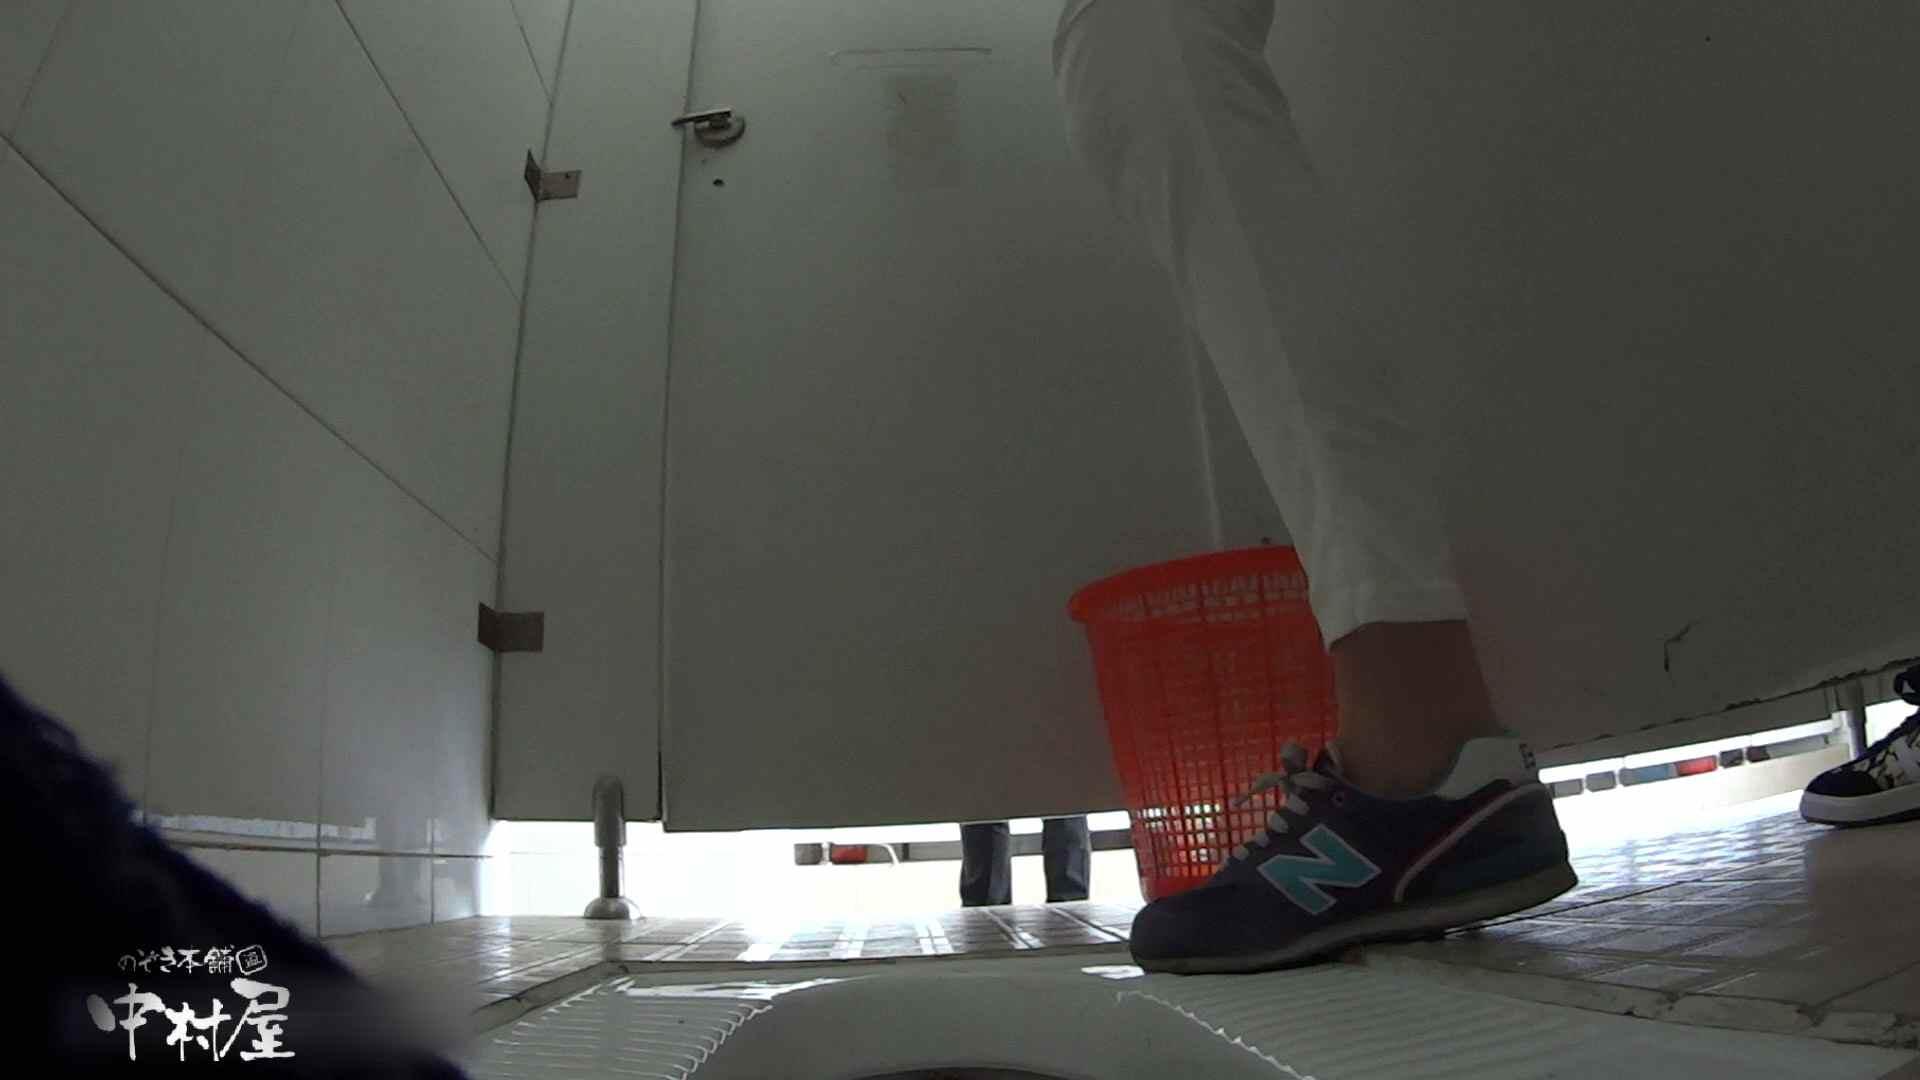 色気のある眼鏡さんの放nyo大学休憩時間の洗面所事情28 洗面所 | Hなお姉さん  78pic 10